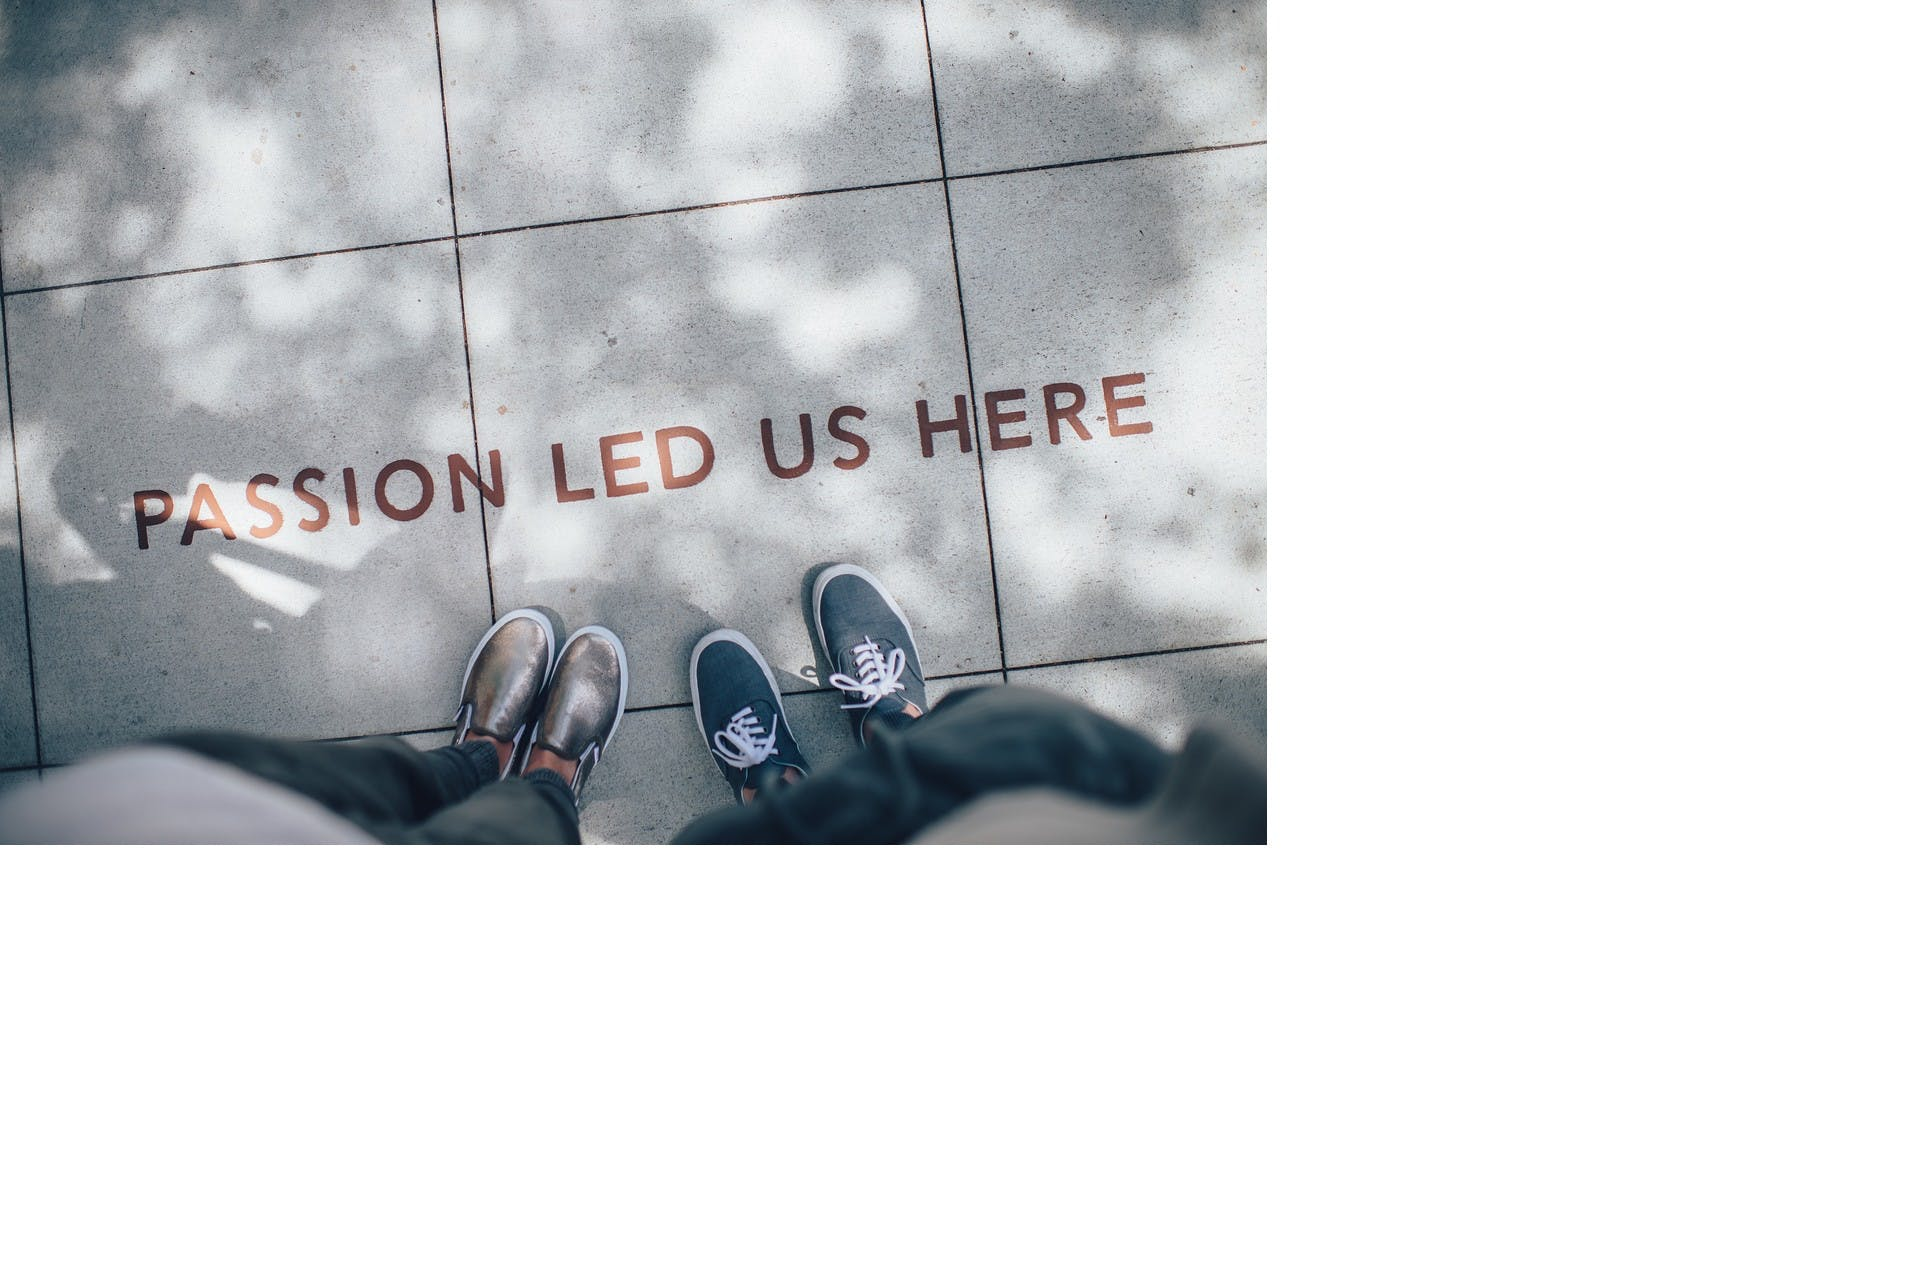 Två personer står på en väg och framför dem på vägen står det: passion led us here